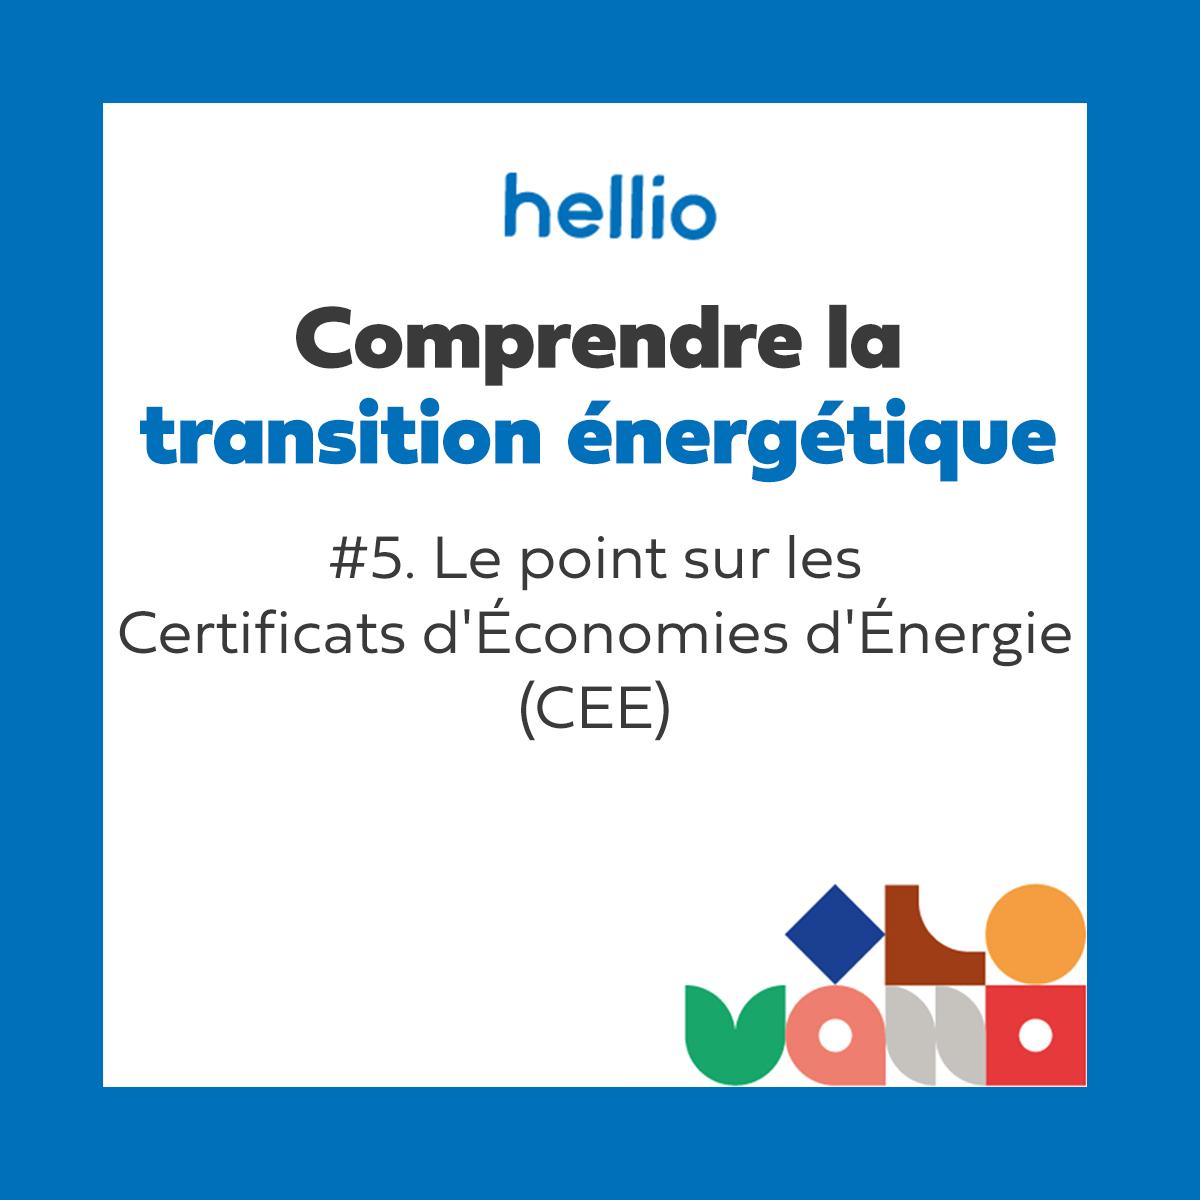 Podcast - Comprendre la transition énergétique : #5 Le point sur les Certificats d'Économies d'Énergie (CEE)